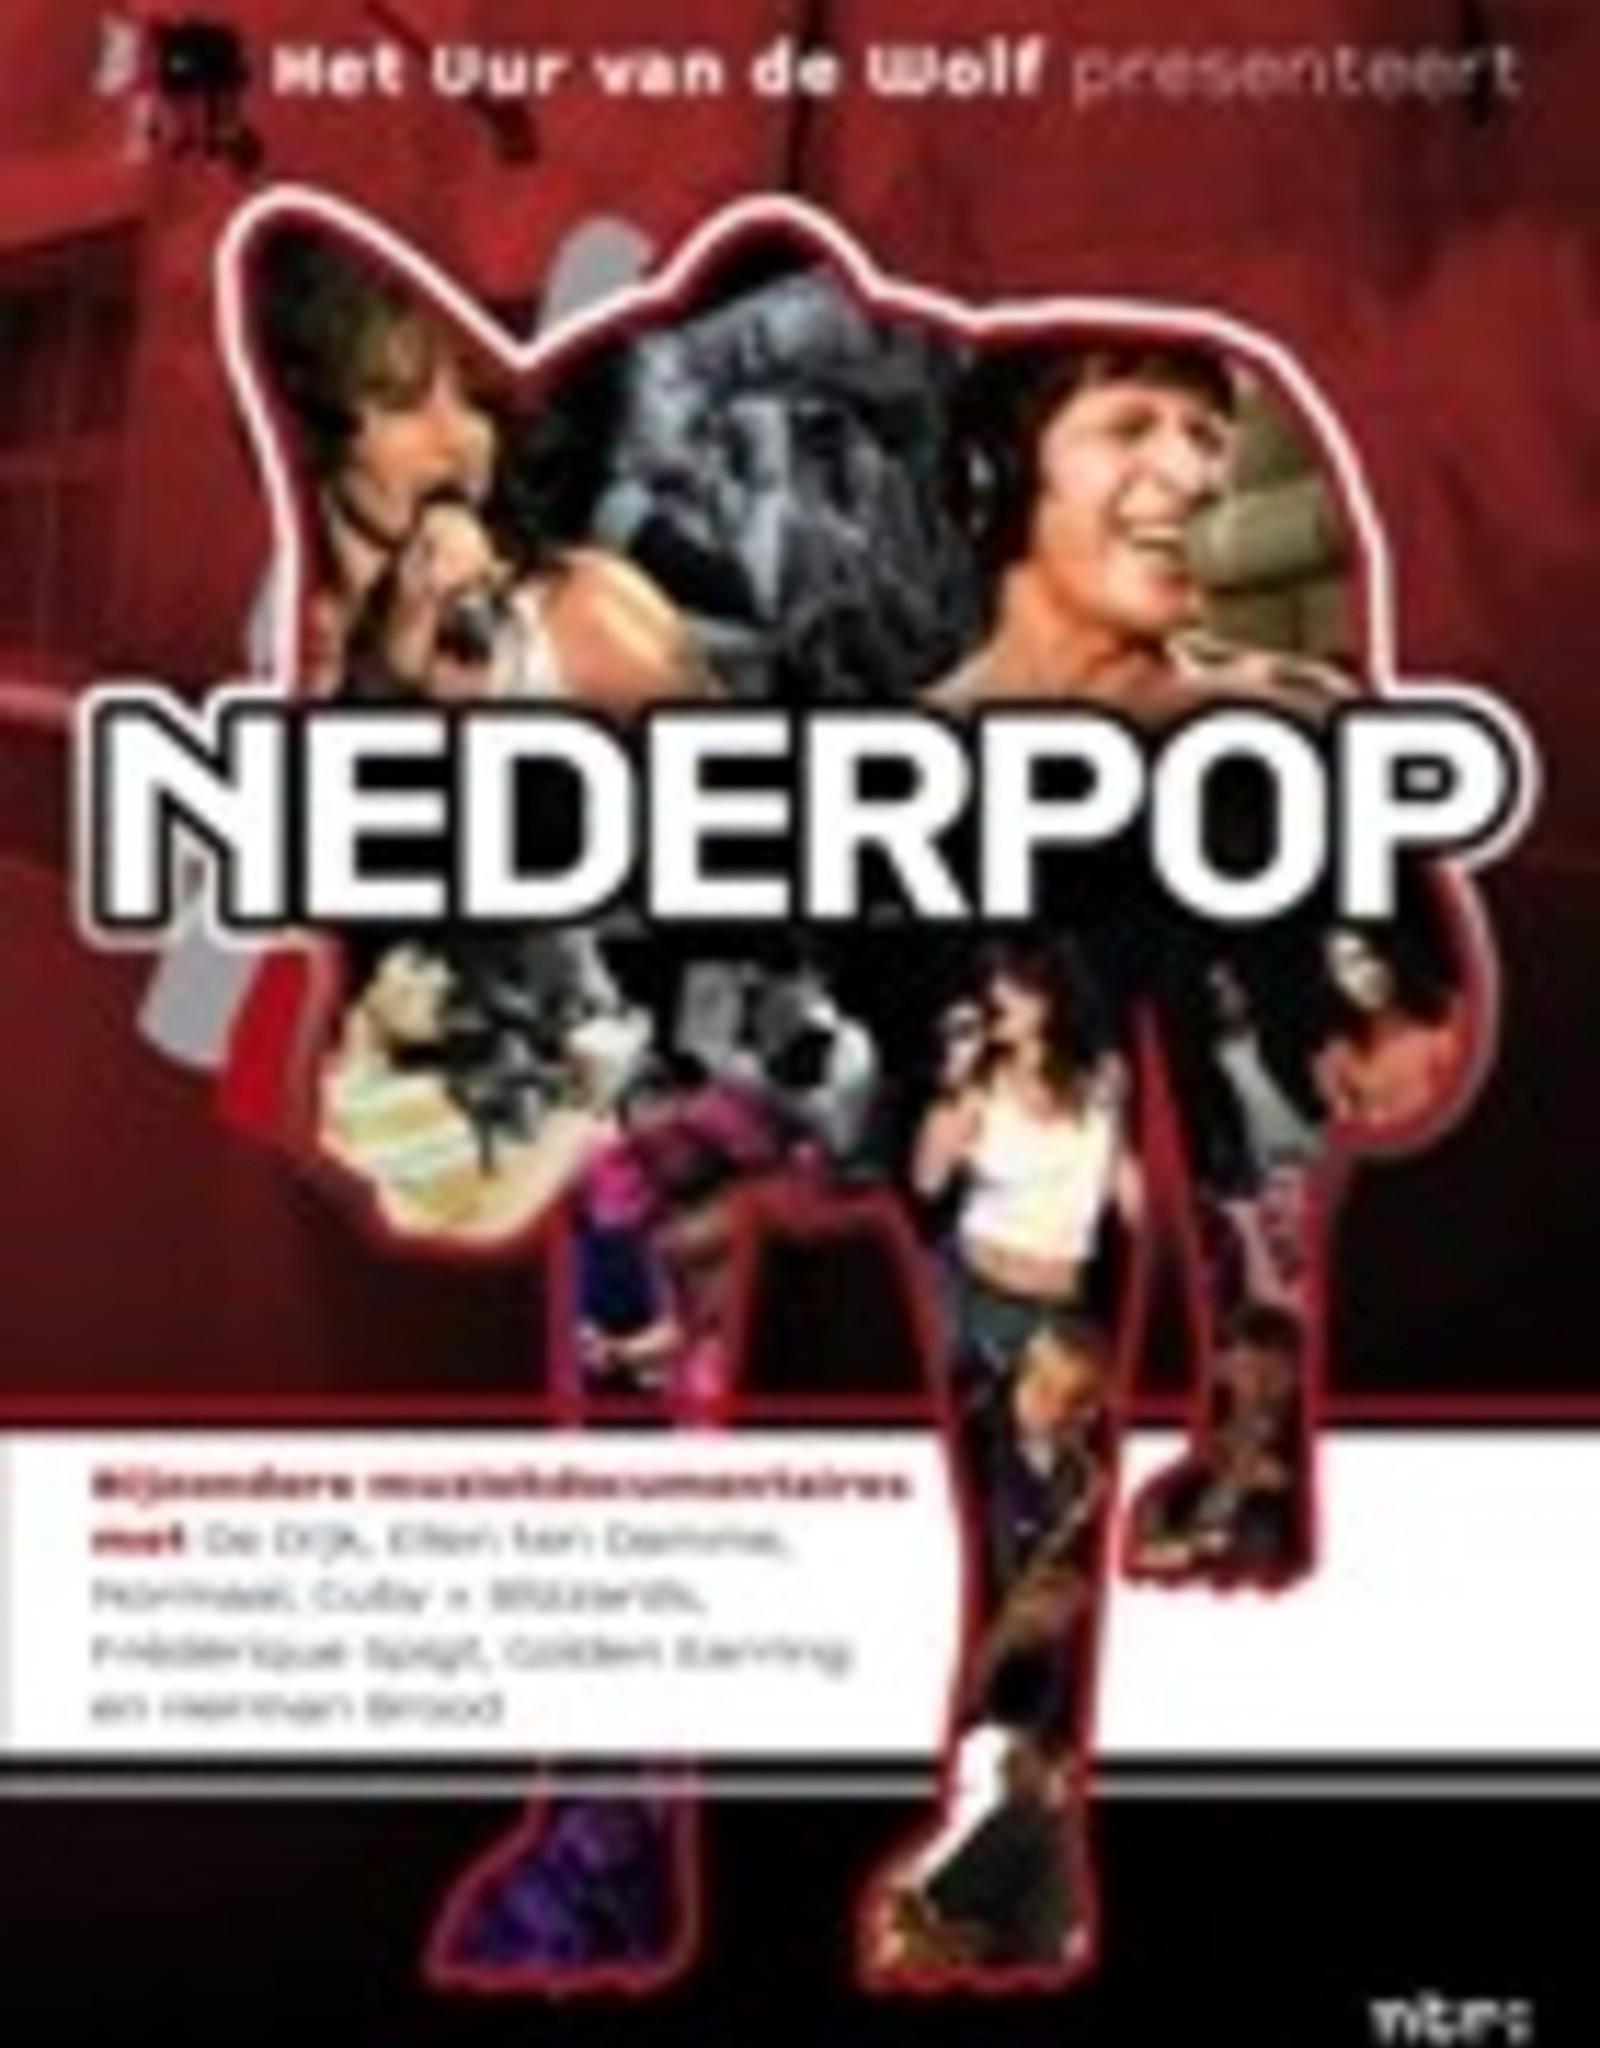 Just Entertainment Nederpop - Het Uur van de Wolf presenteert..